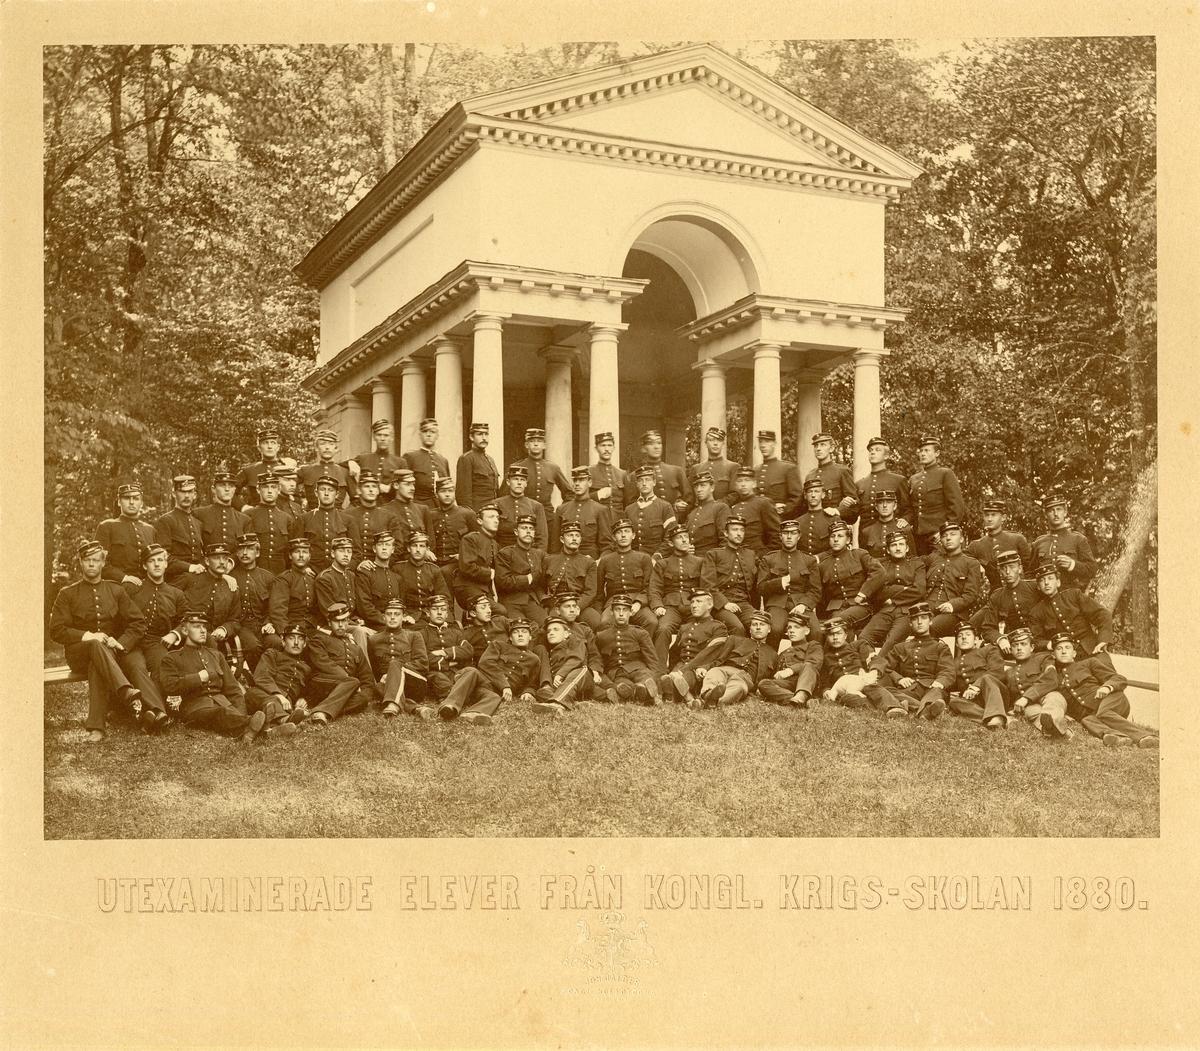 Grupporträtt av utexaminerade elever från krigsskolan 1880.